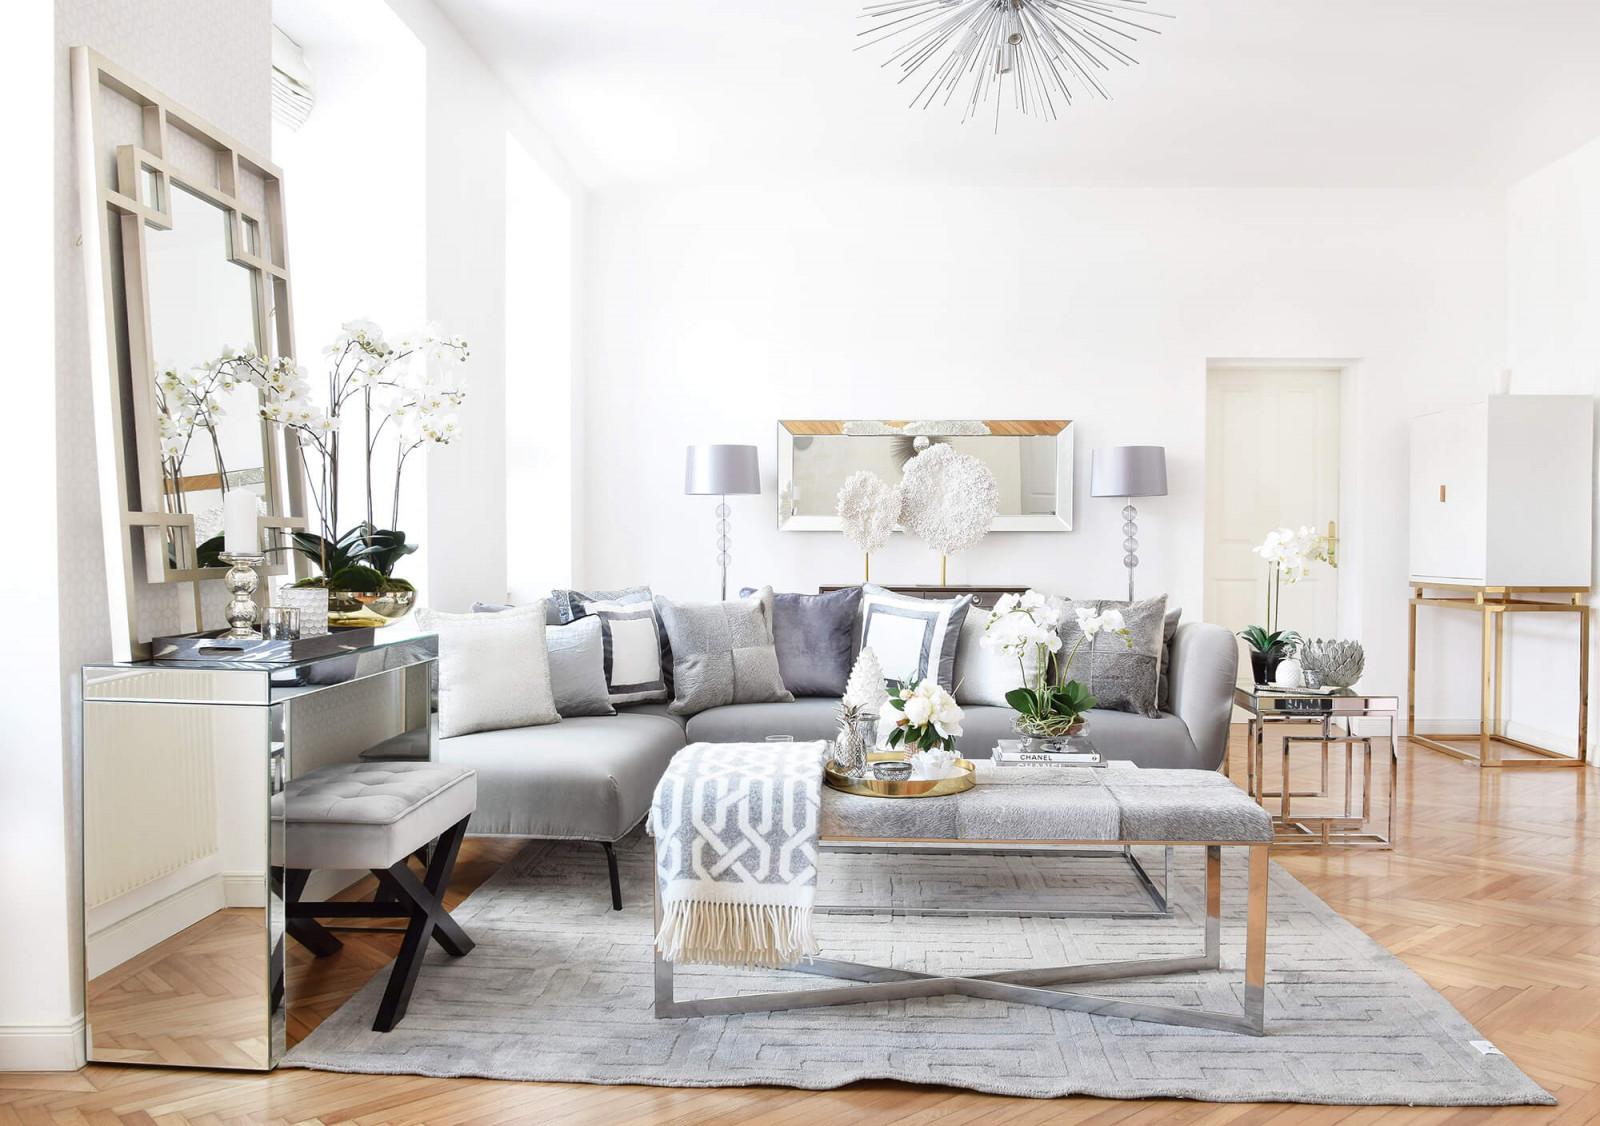 Urban Loft Livingroom  Wohnzimmer In Silber  Grau  Looks von Deko Wohnzimmer Silber Bild